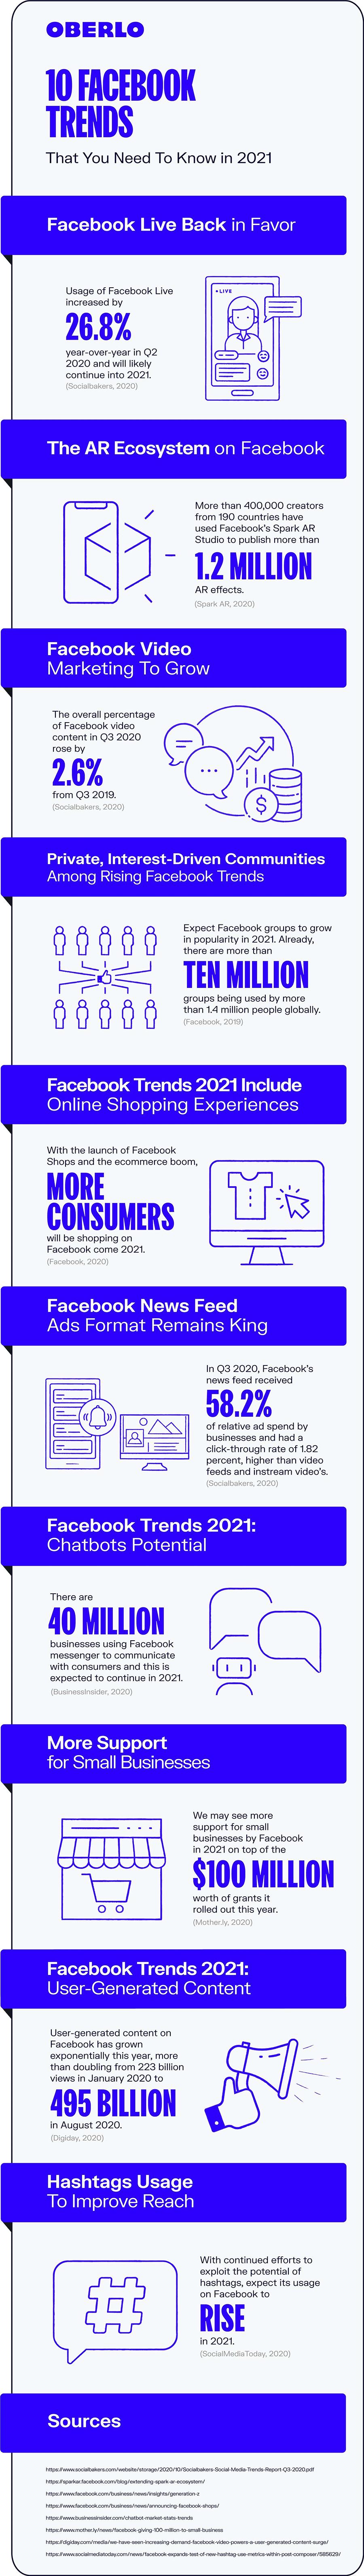 Facebook trend tips